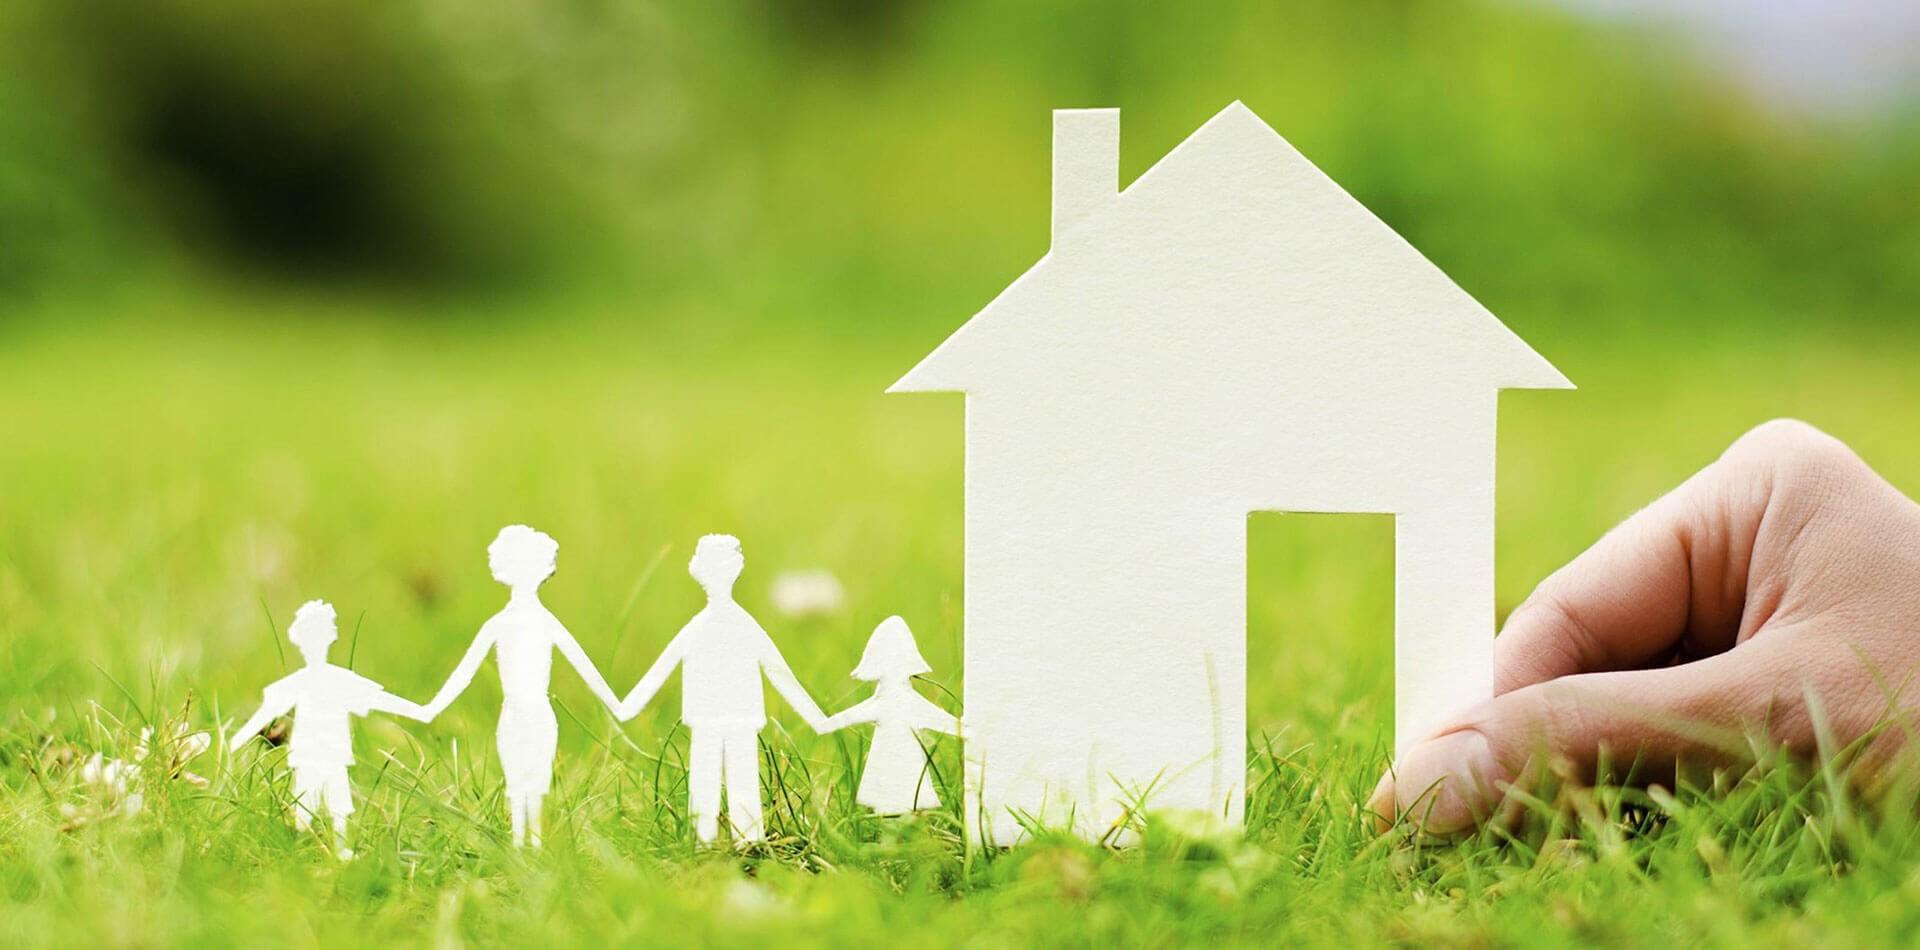 «Продажа жилья, купленного на материнский капитал» фото - slide 2 1920x950 121